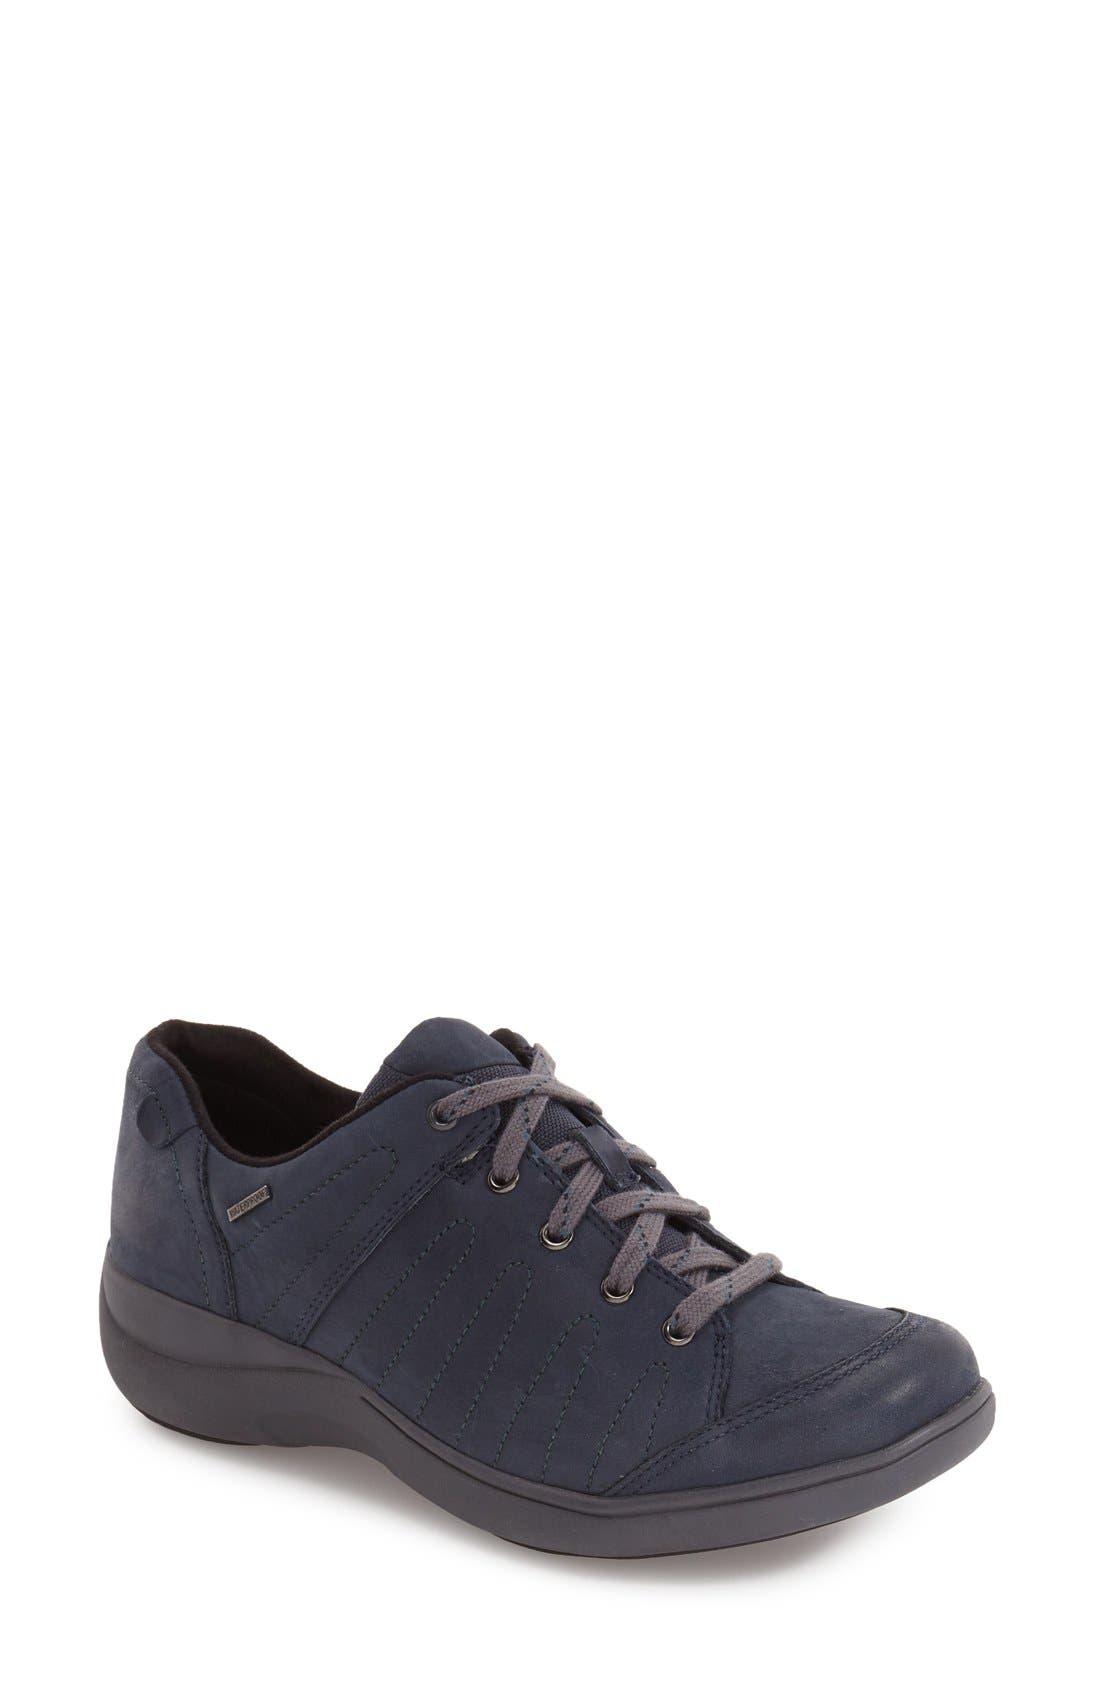 Aravon 'REVsavor' Waterproof Sneaker (Women)